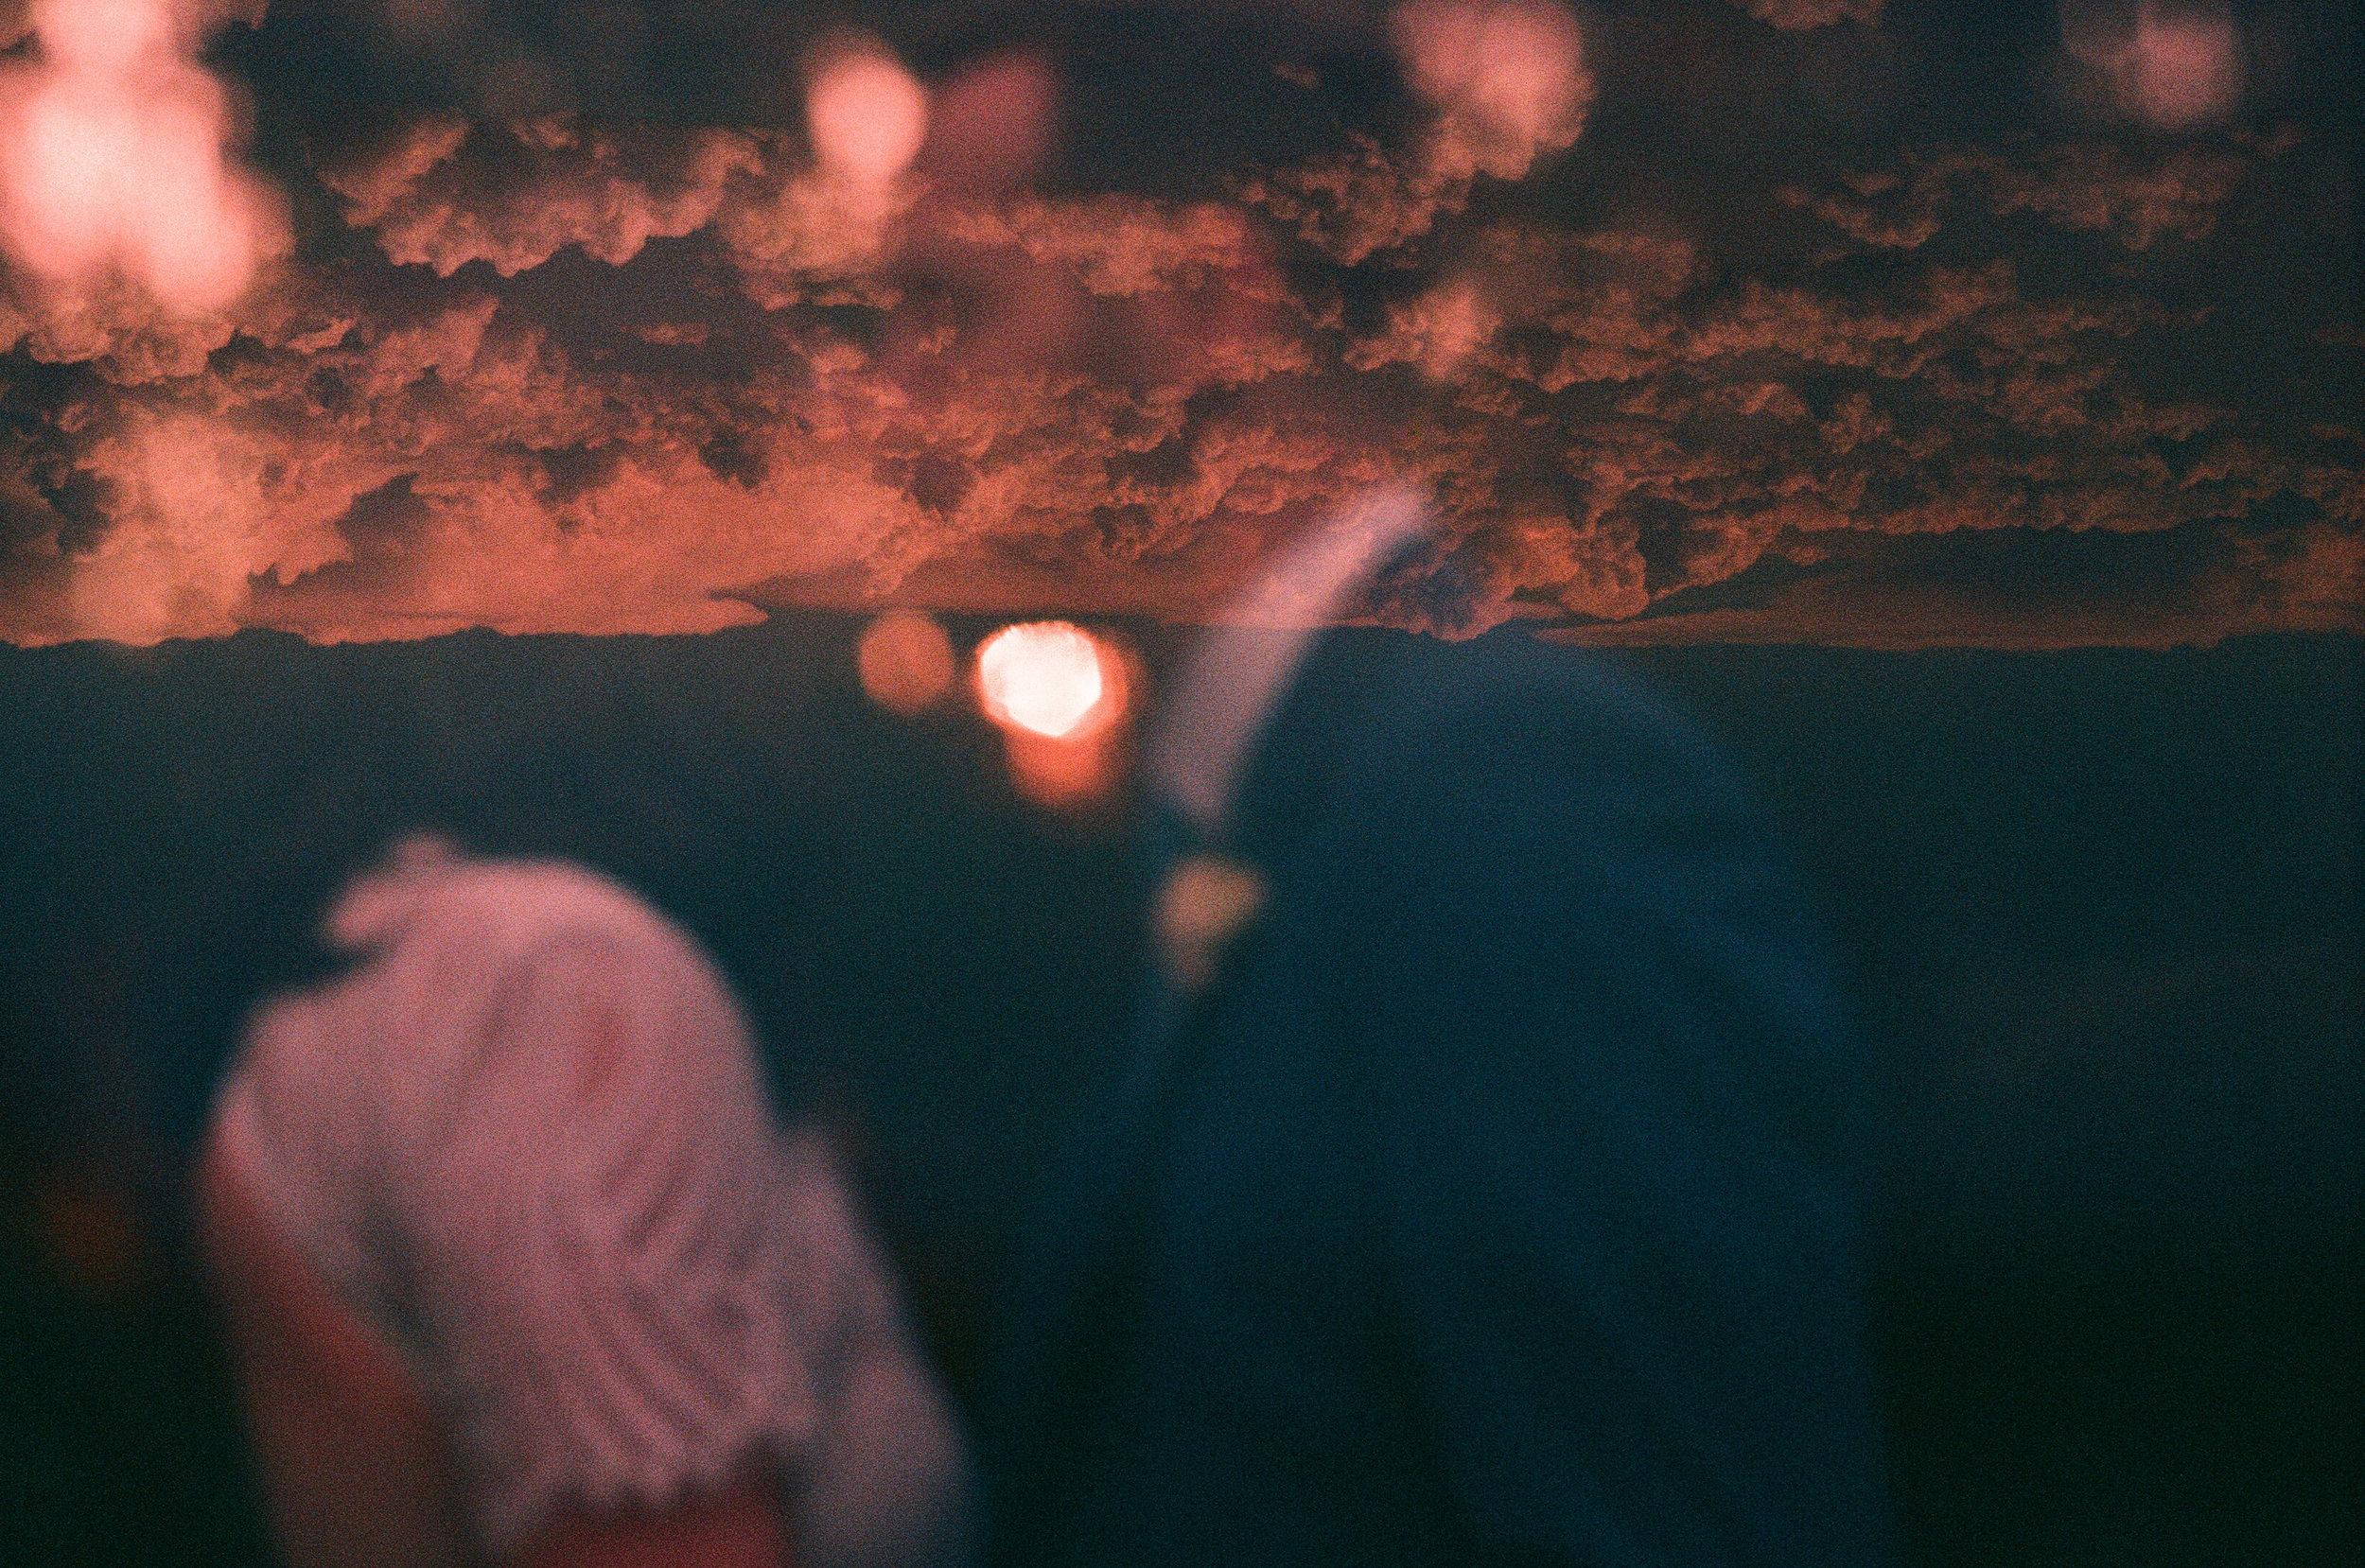 mapleshade_farm_wedding_35mm-4032.jpg